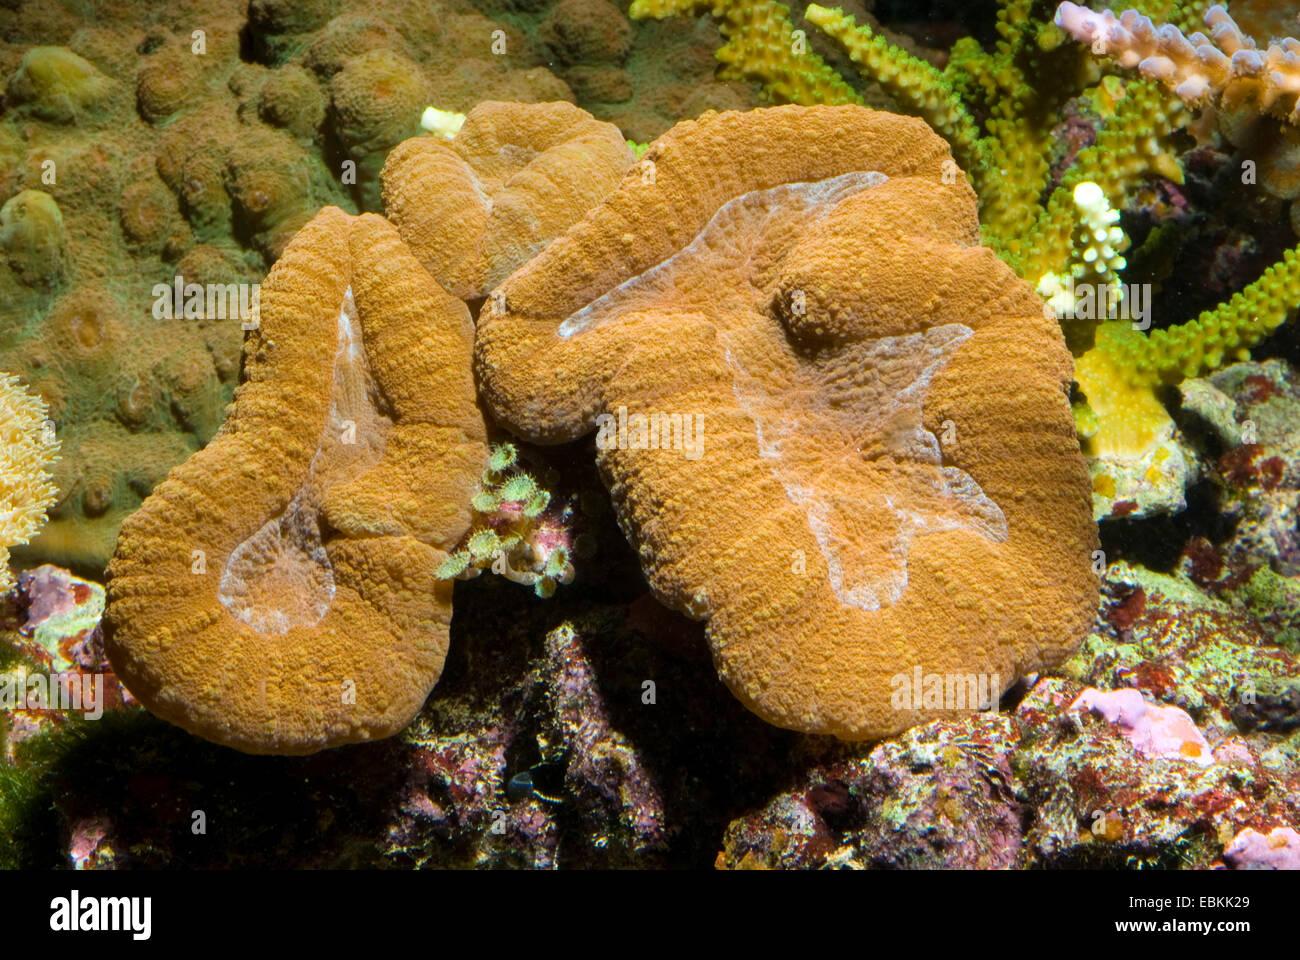 Appartamento Corallo cervello (Lobophyllia hemprichii), vista laterale Immagini Stock